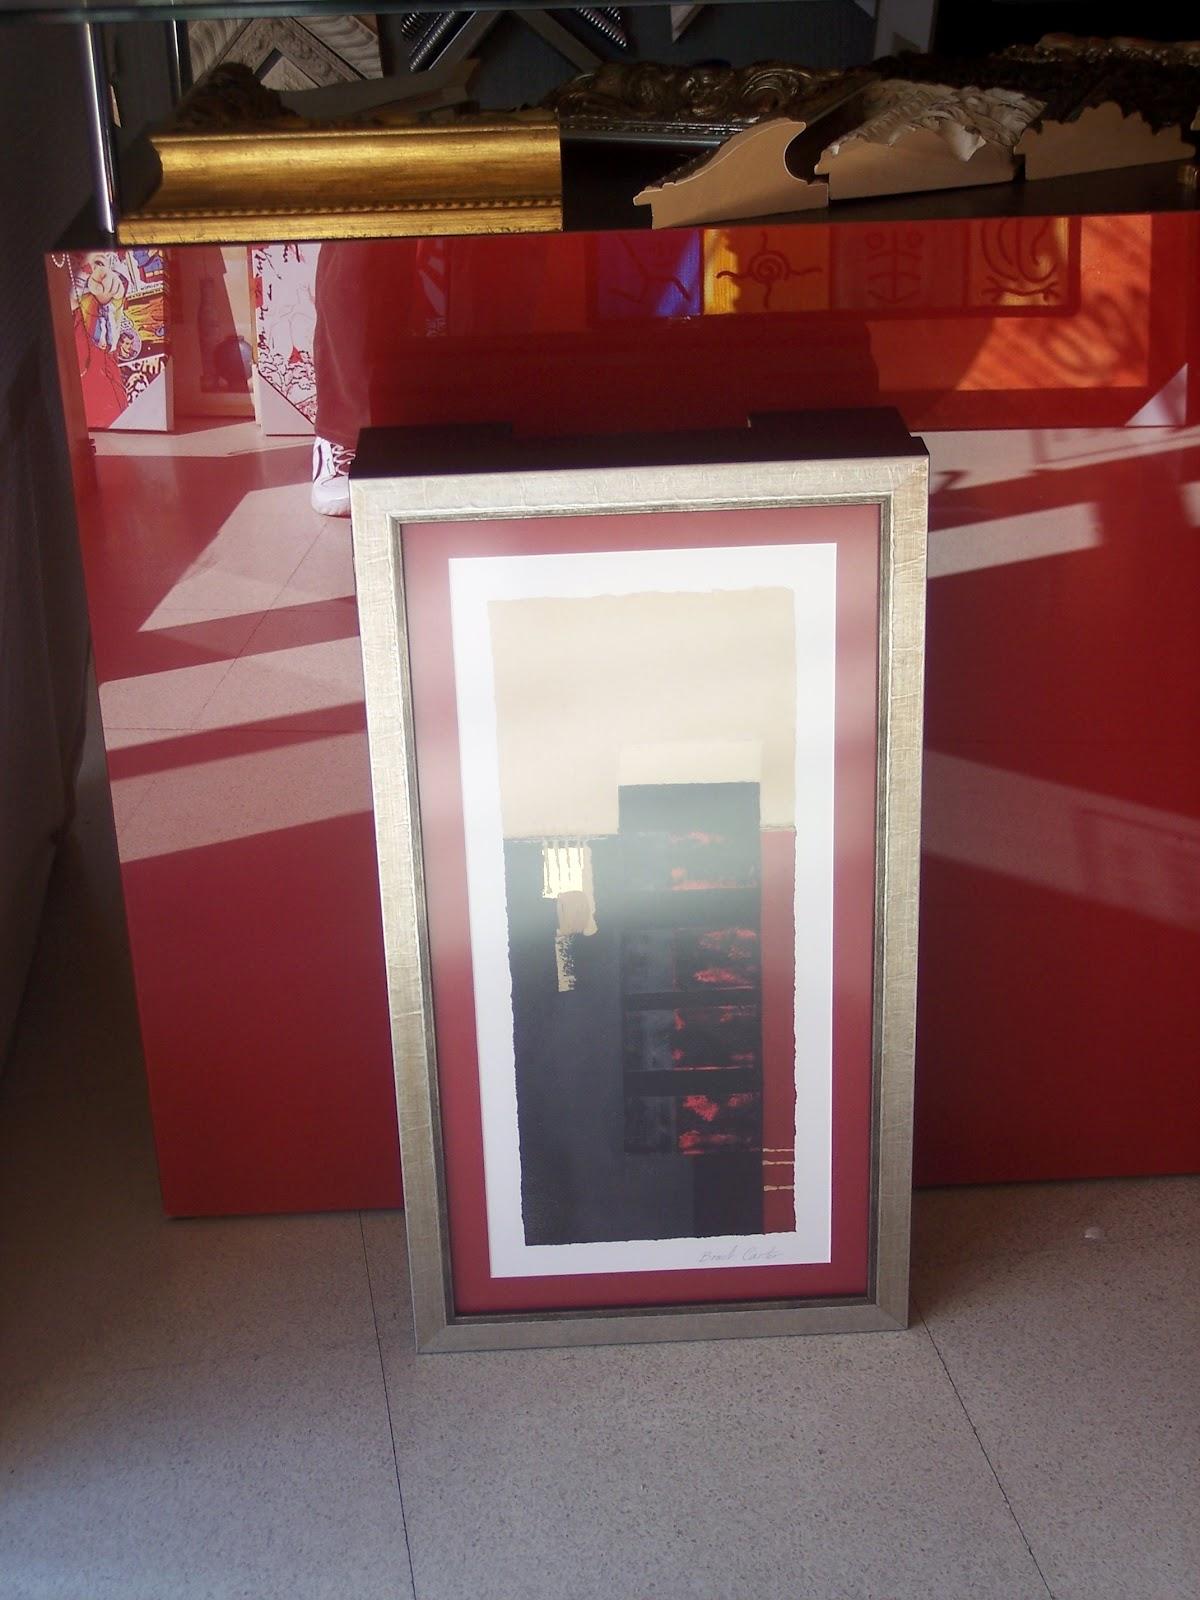 Mis cuadros c mo disimular los contadores de la luz - Tapas decorativas para contadores luz ...